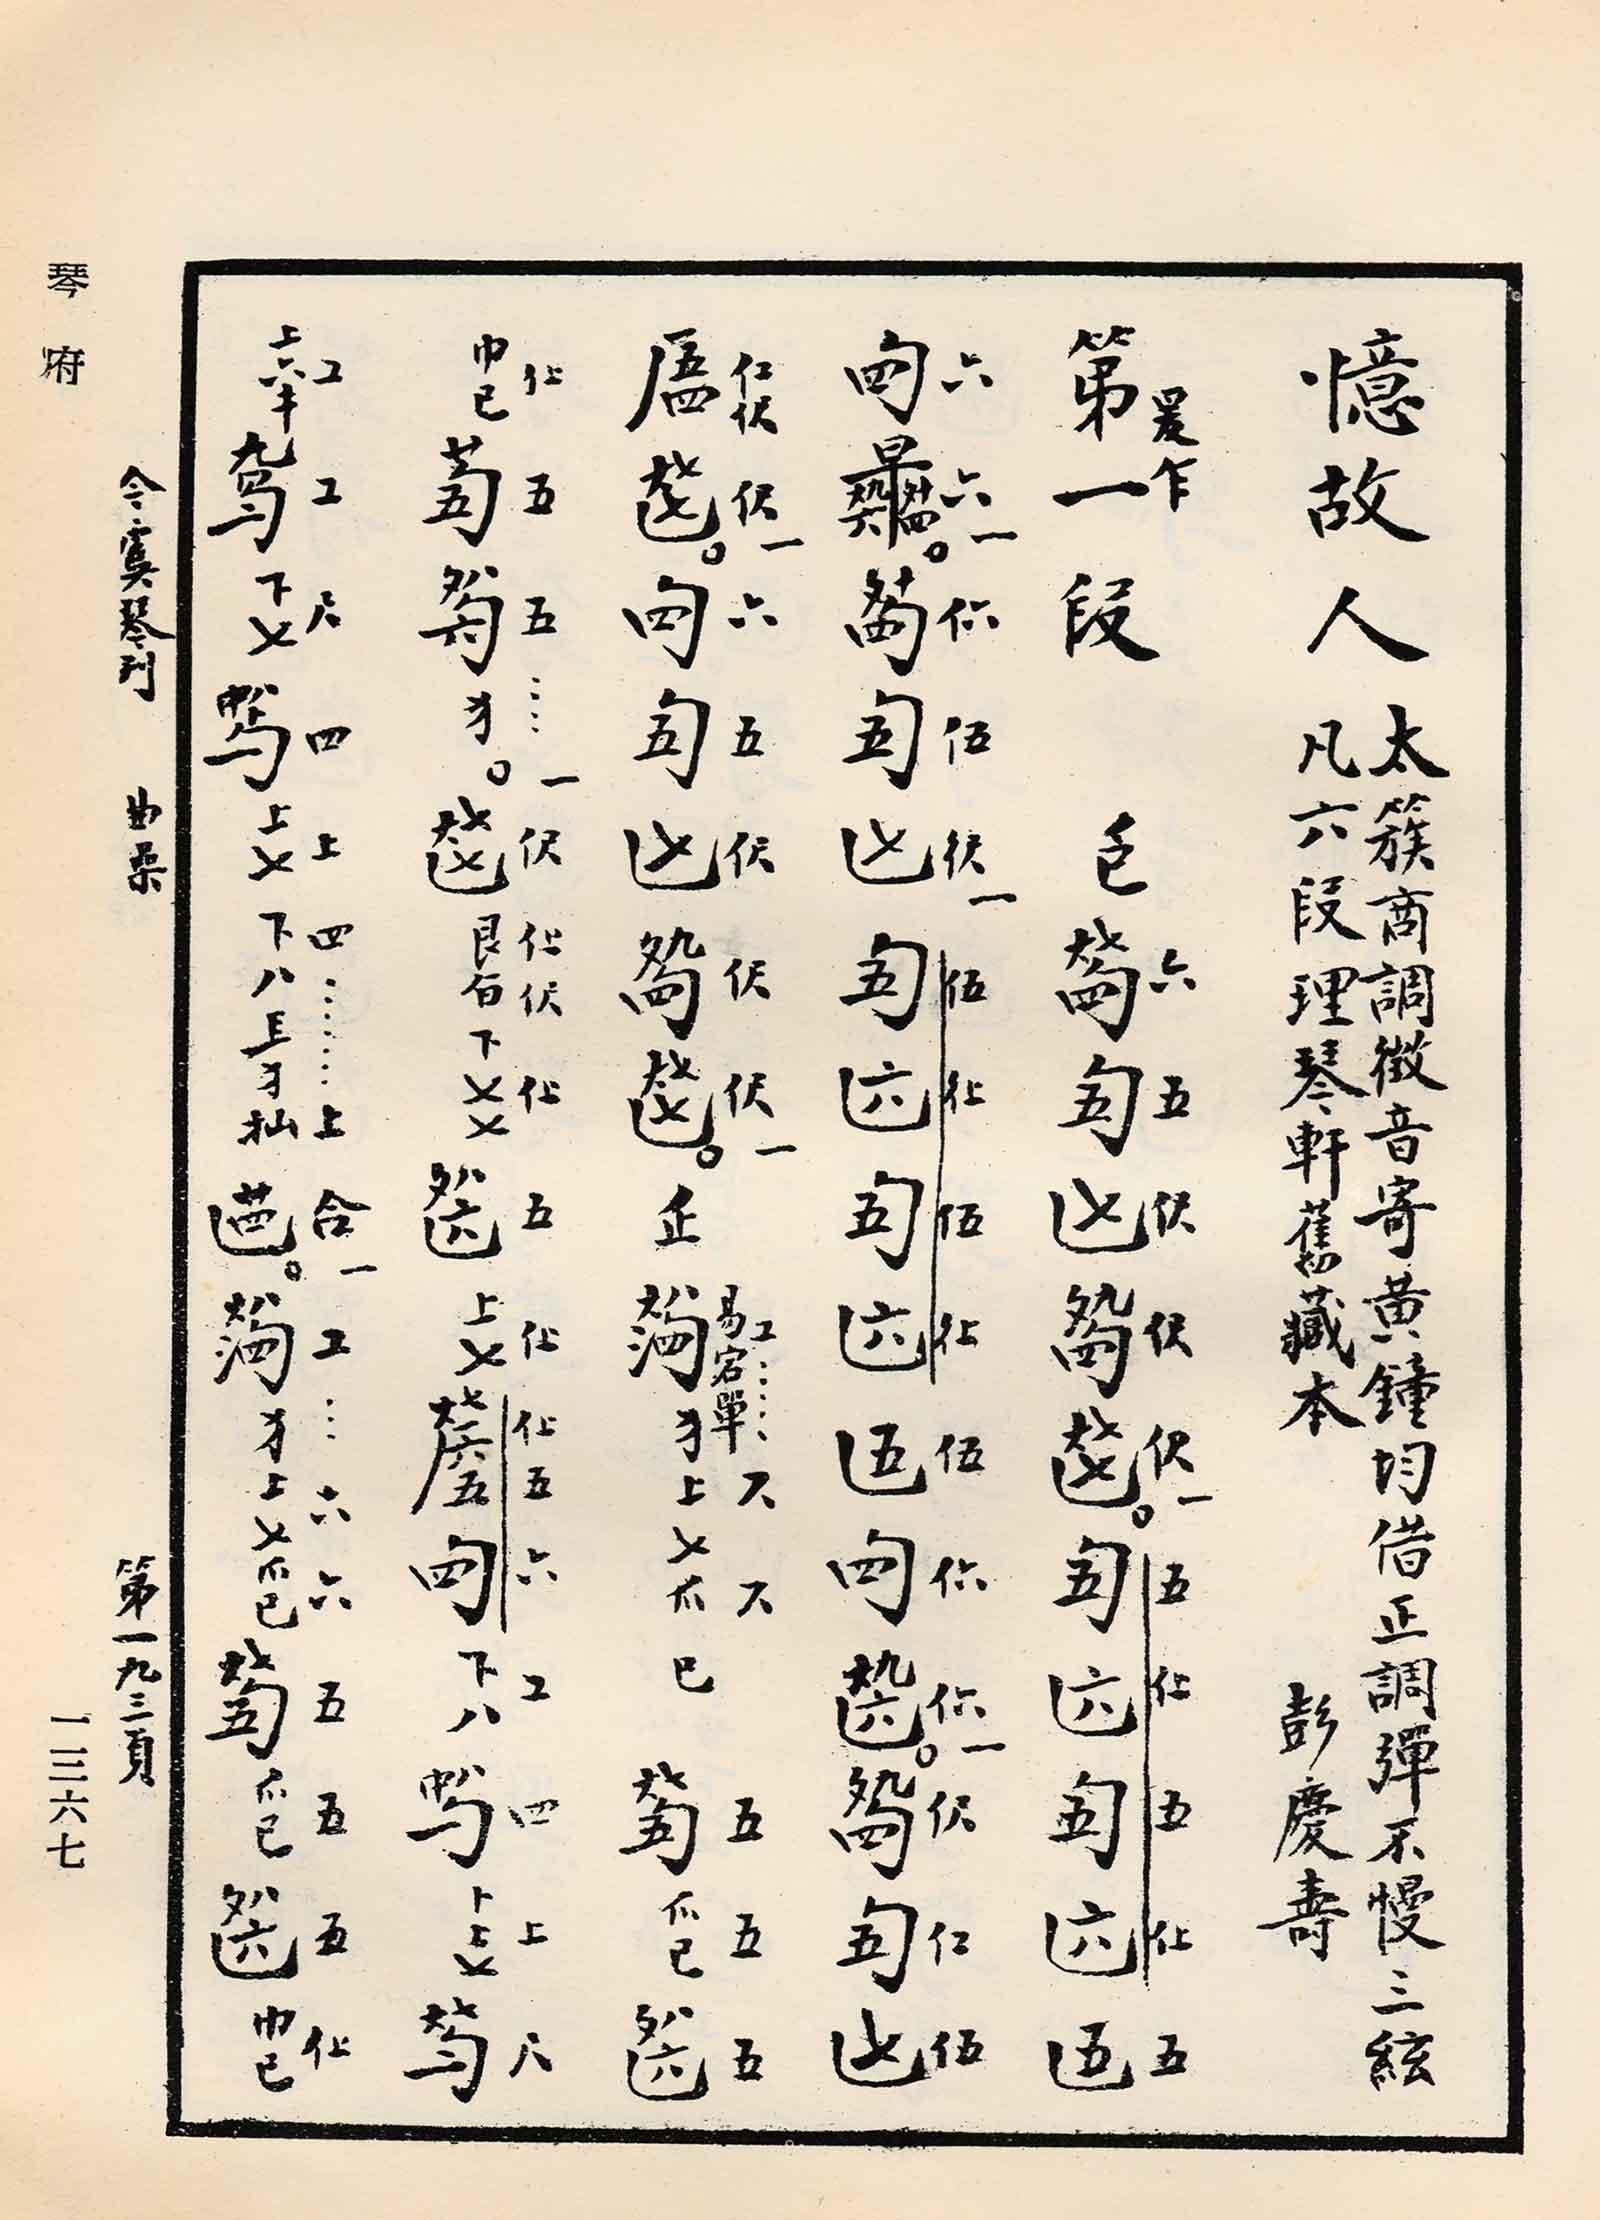 Tablature de Yi Guren par Zhang Ziqian